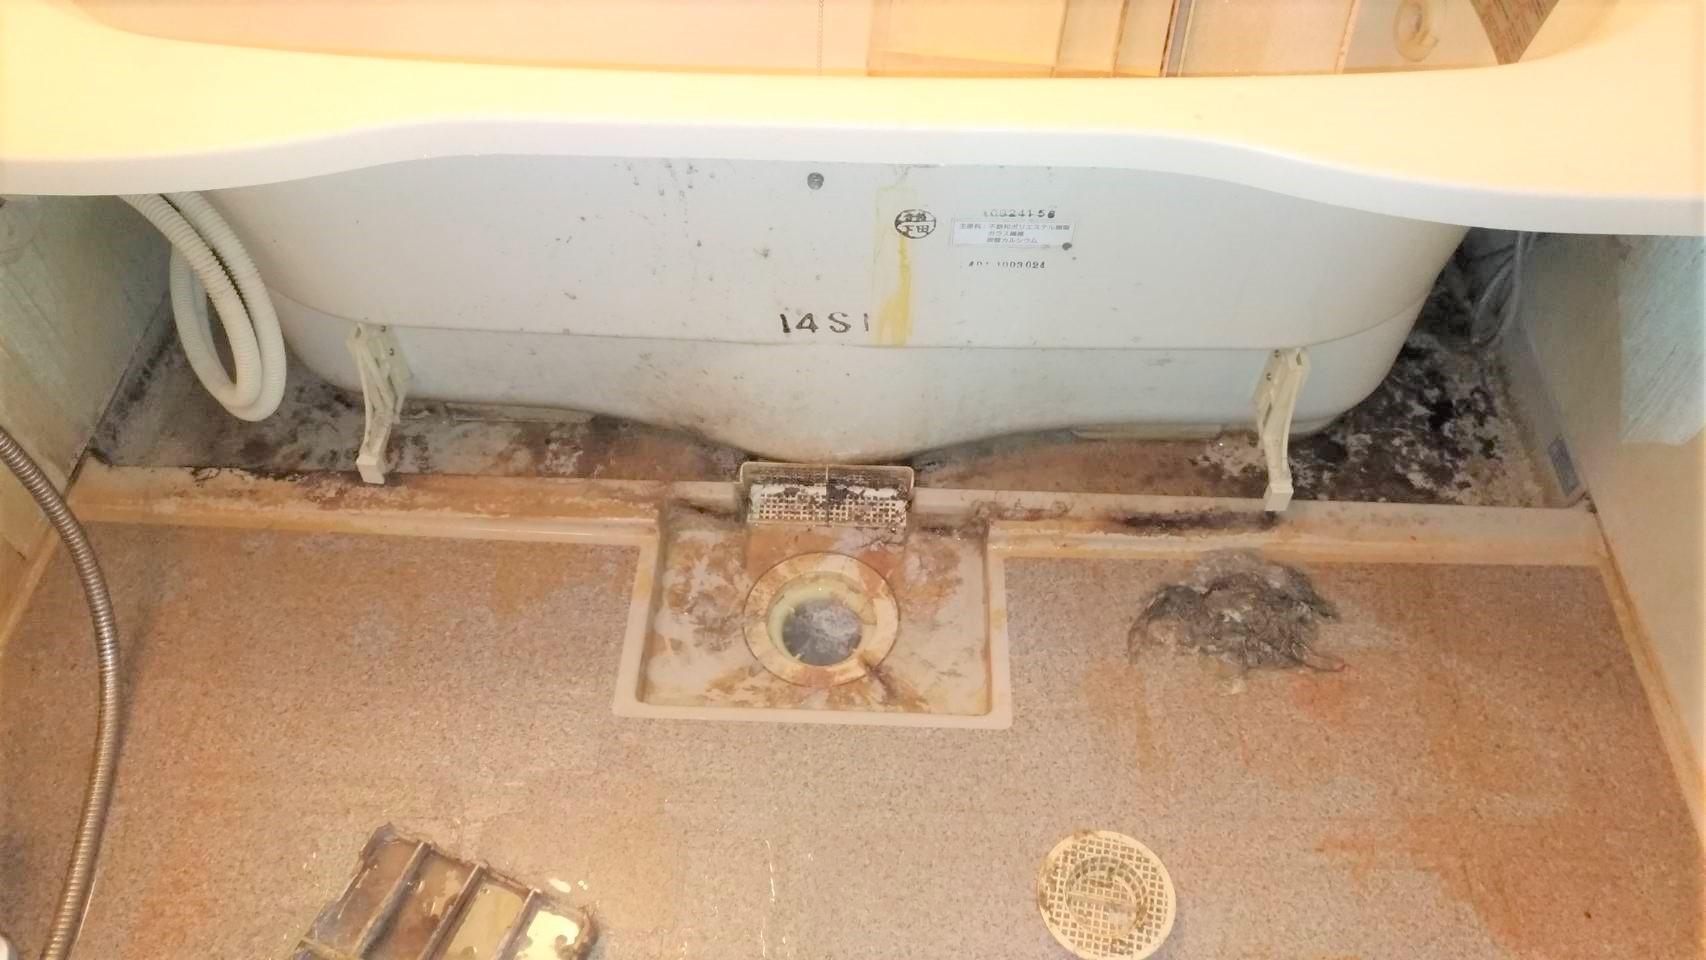 「エプロン」浴槽の頑固な汚れをきれいスッキリ 電話受付365日受付OK!LINE申請・友達追加歓迎!明るく元気なスタッフが日々頑張っております。